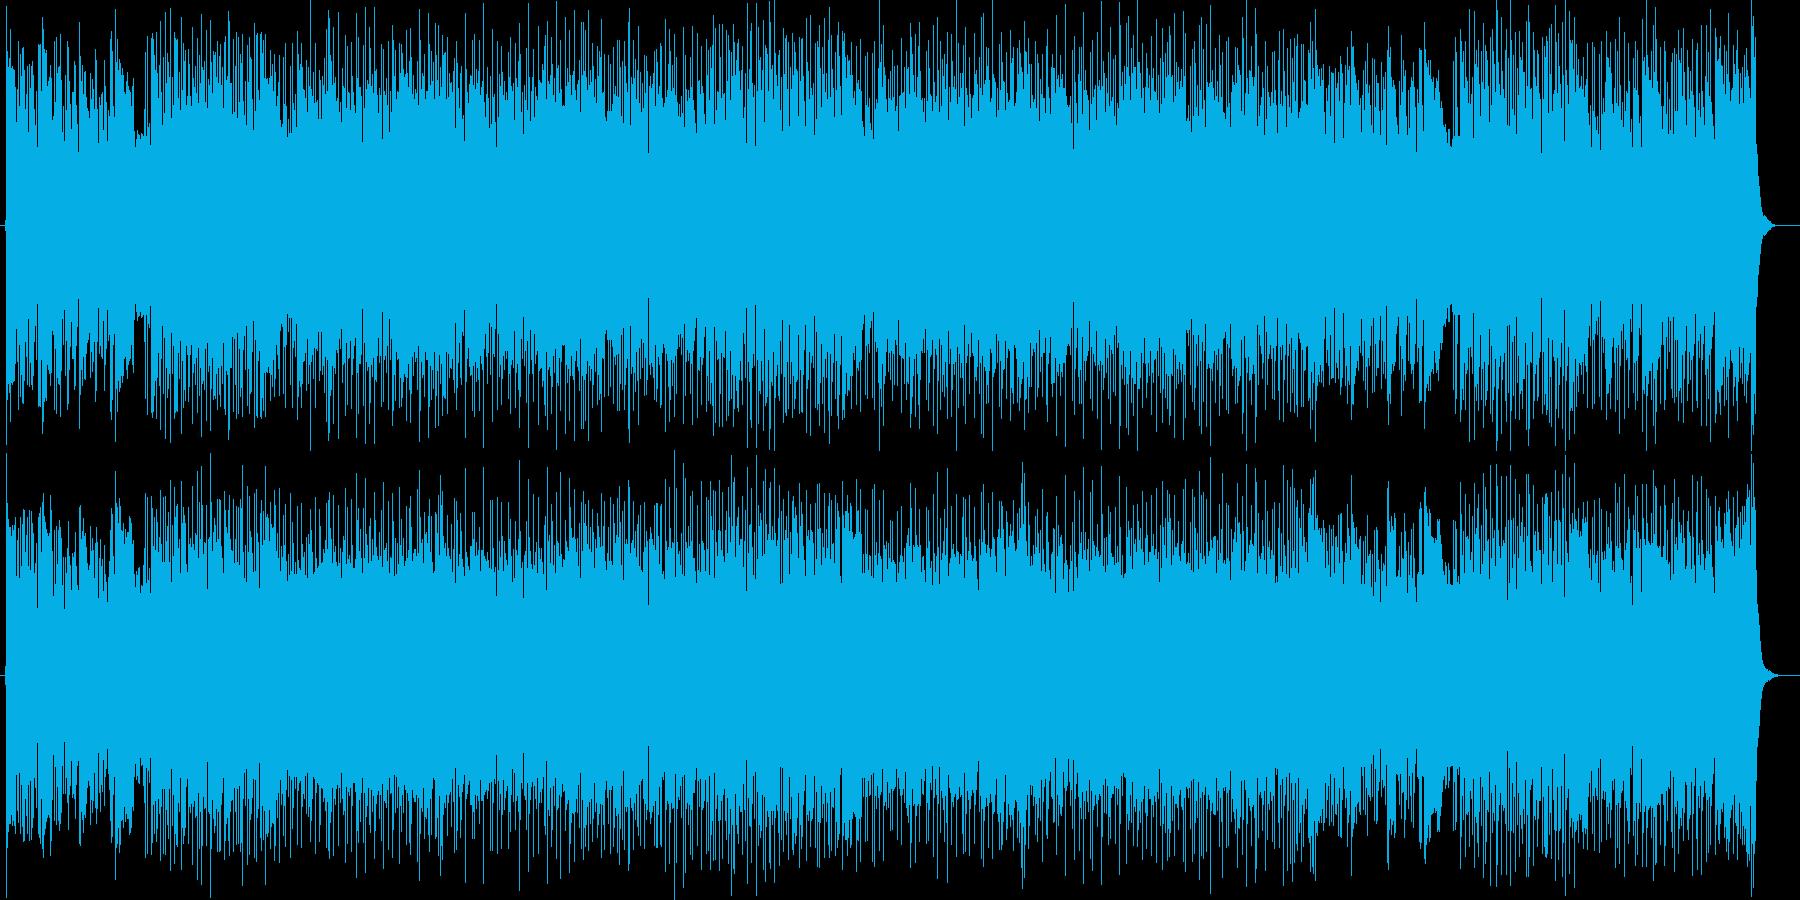 前向きで軽快な明るいシンセサイザーの曲の再生済みの波形